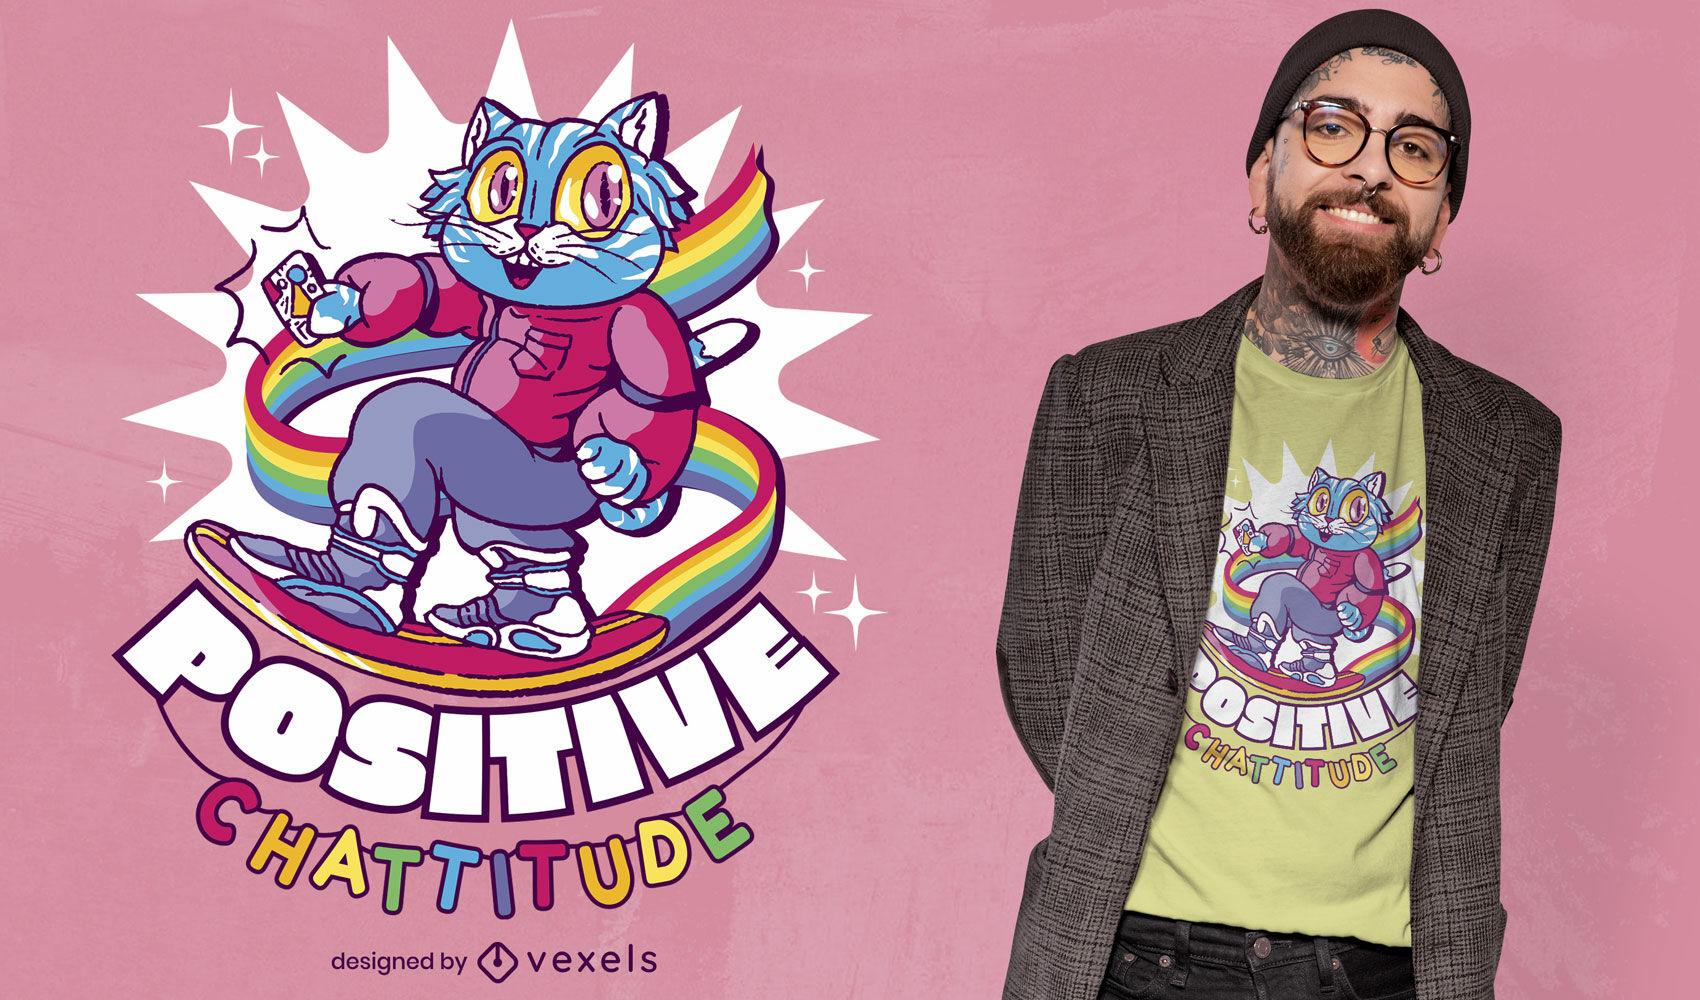 Gato arcoiris en dise?o de camiseta hoverboard